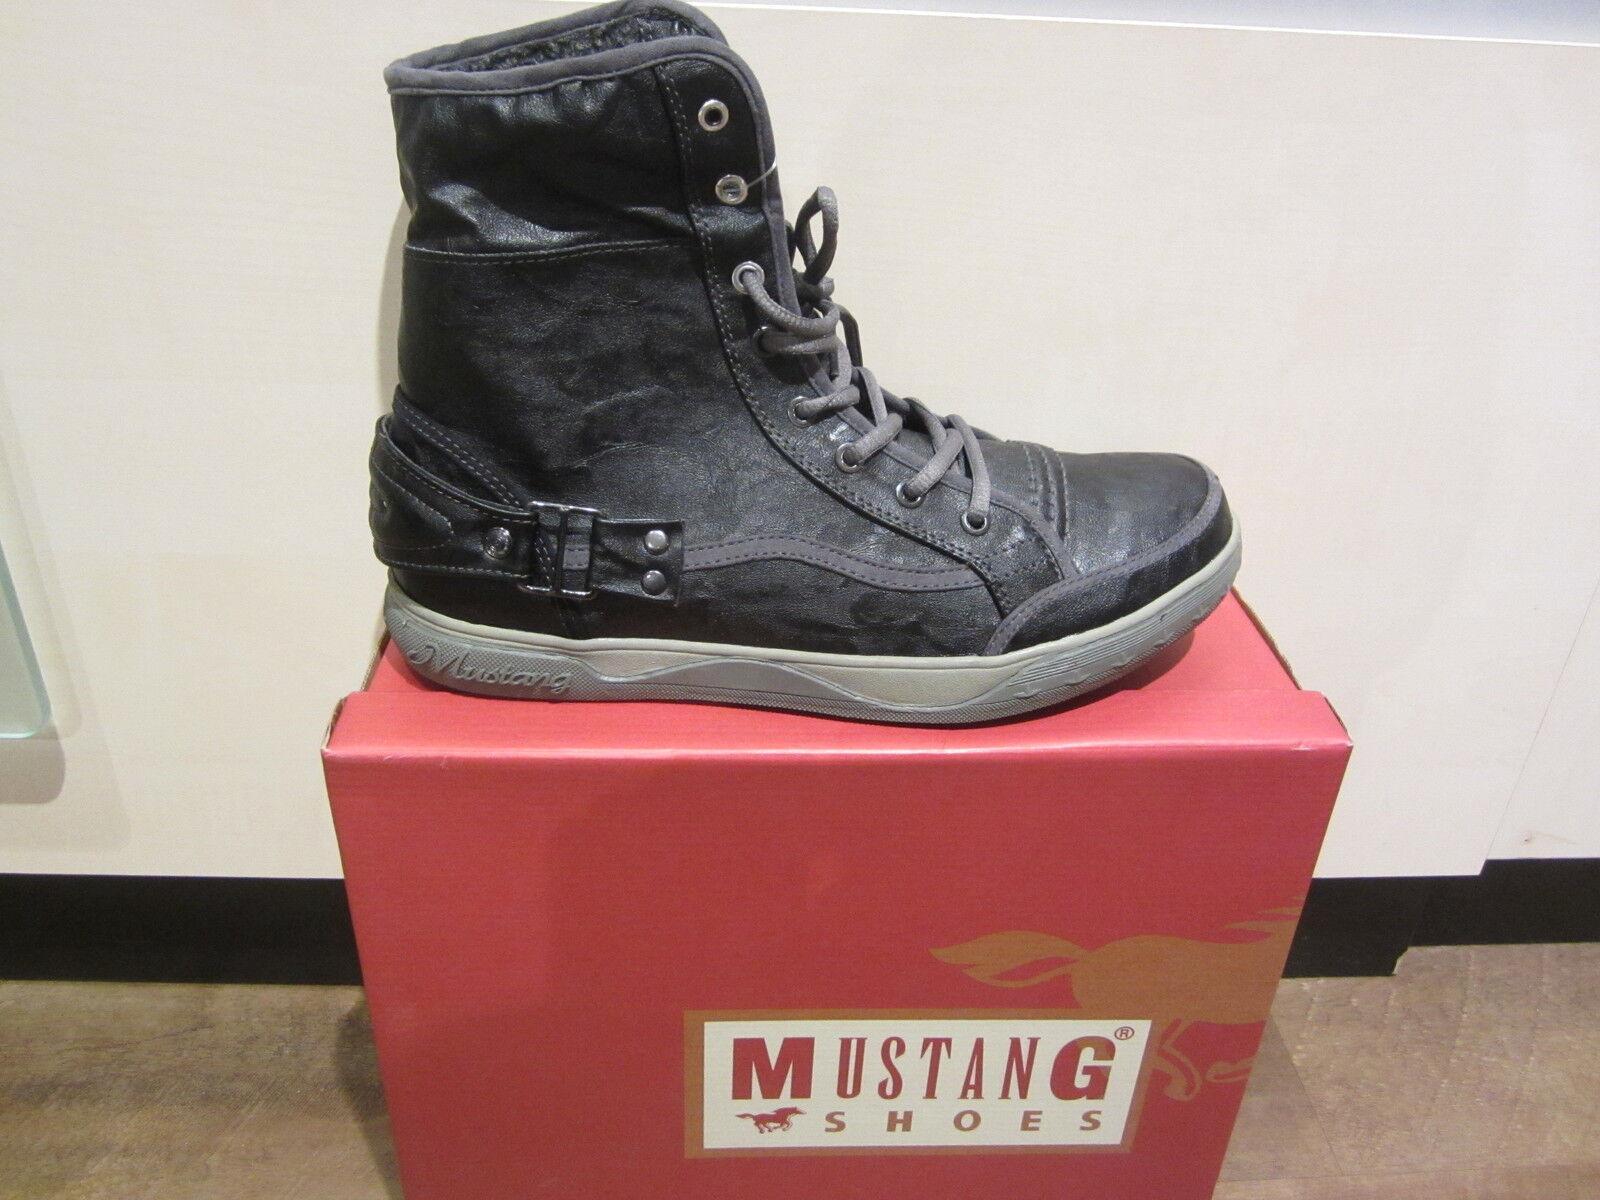 Mustang Stiefel Stiefel Schnürstiefel Winterstiefel NEU schwarz, warm gefüttert  NEU Winterstiefel 40e2ae